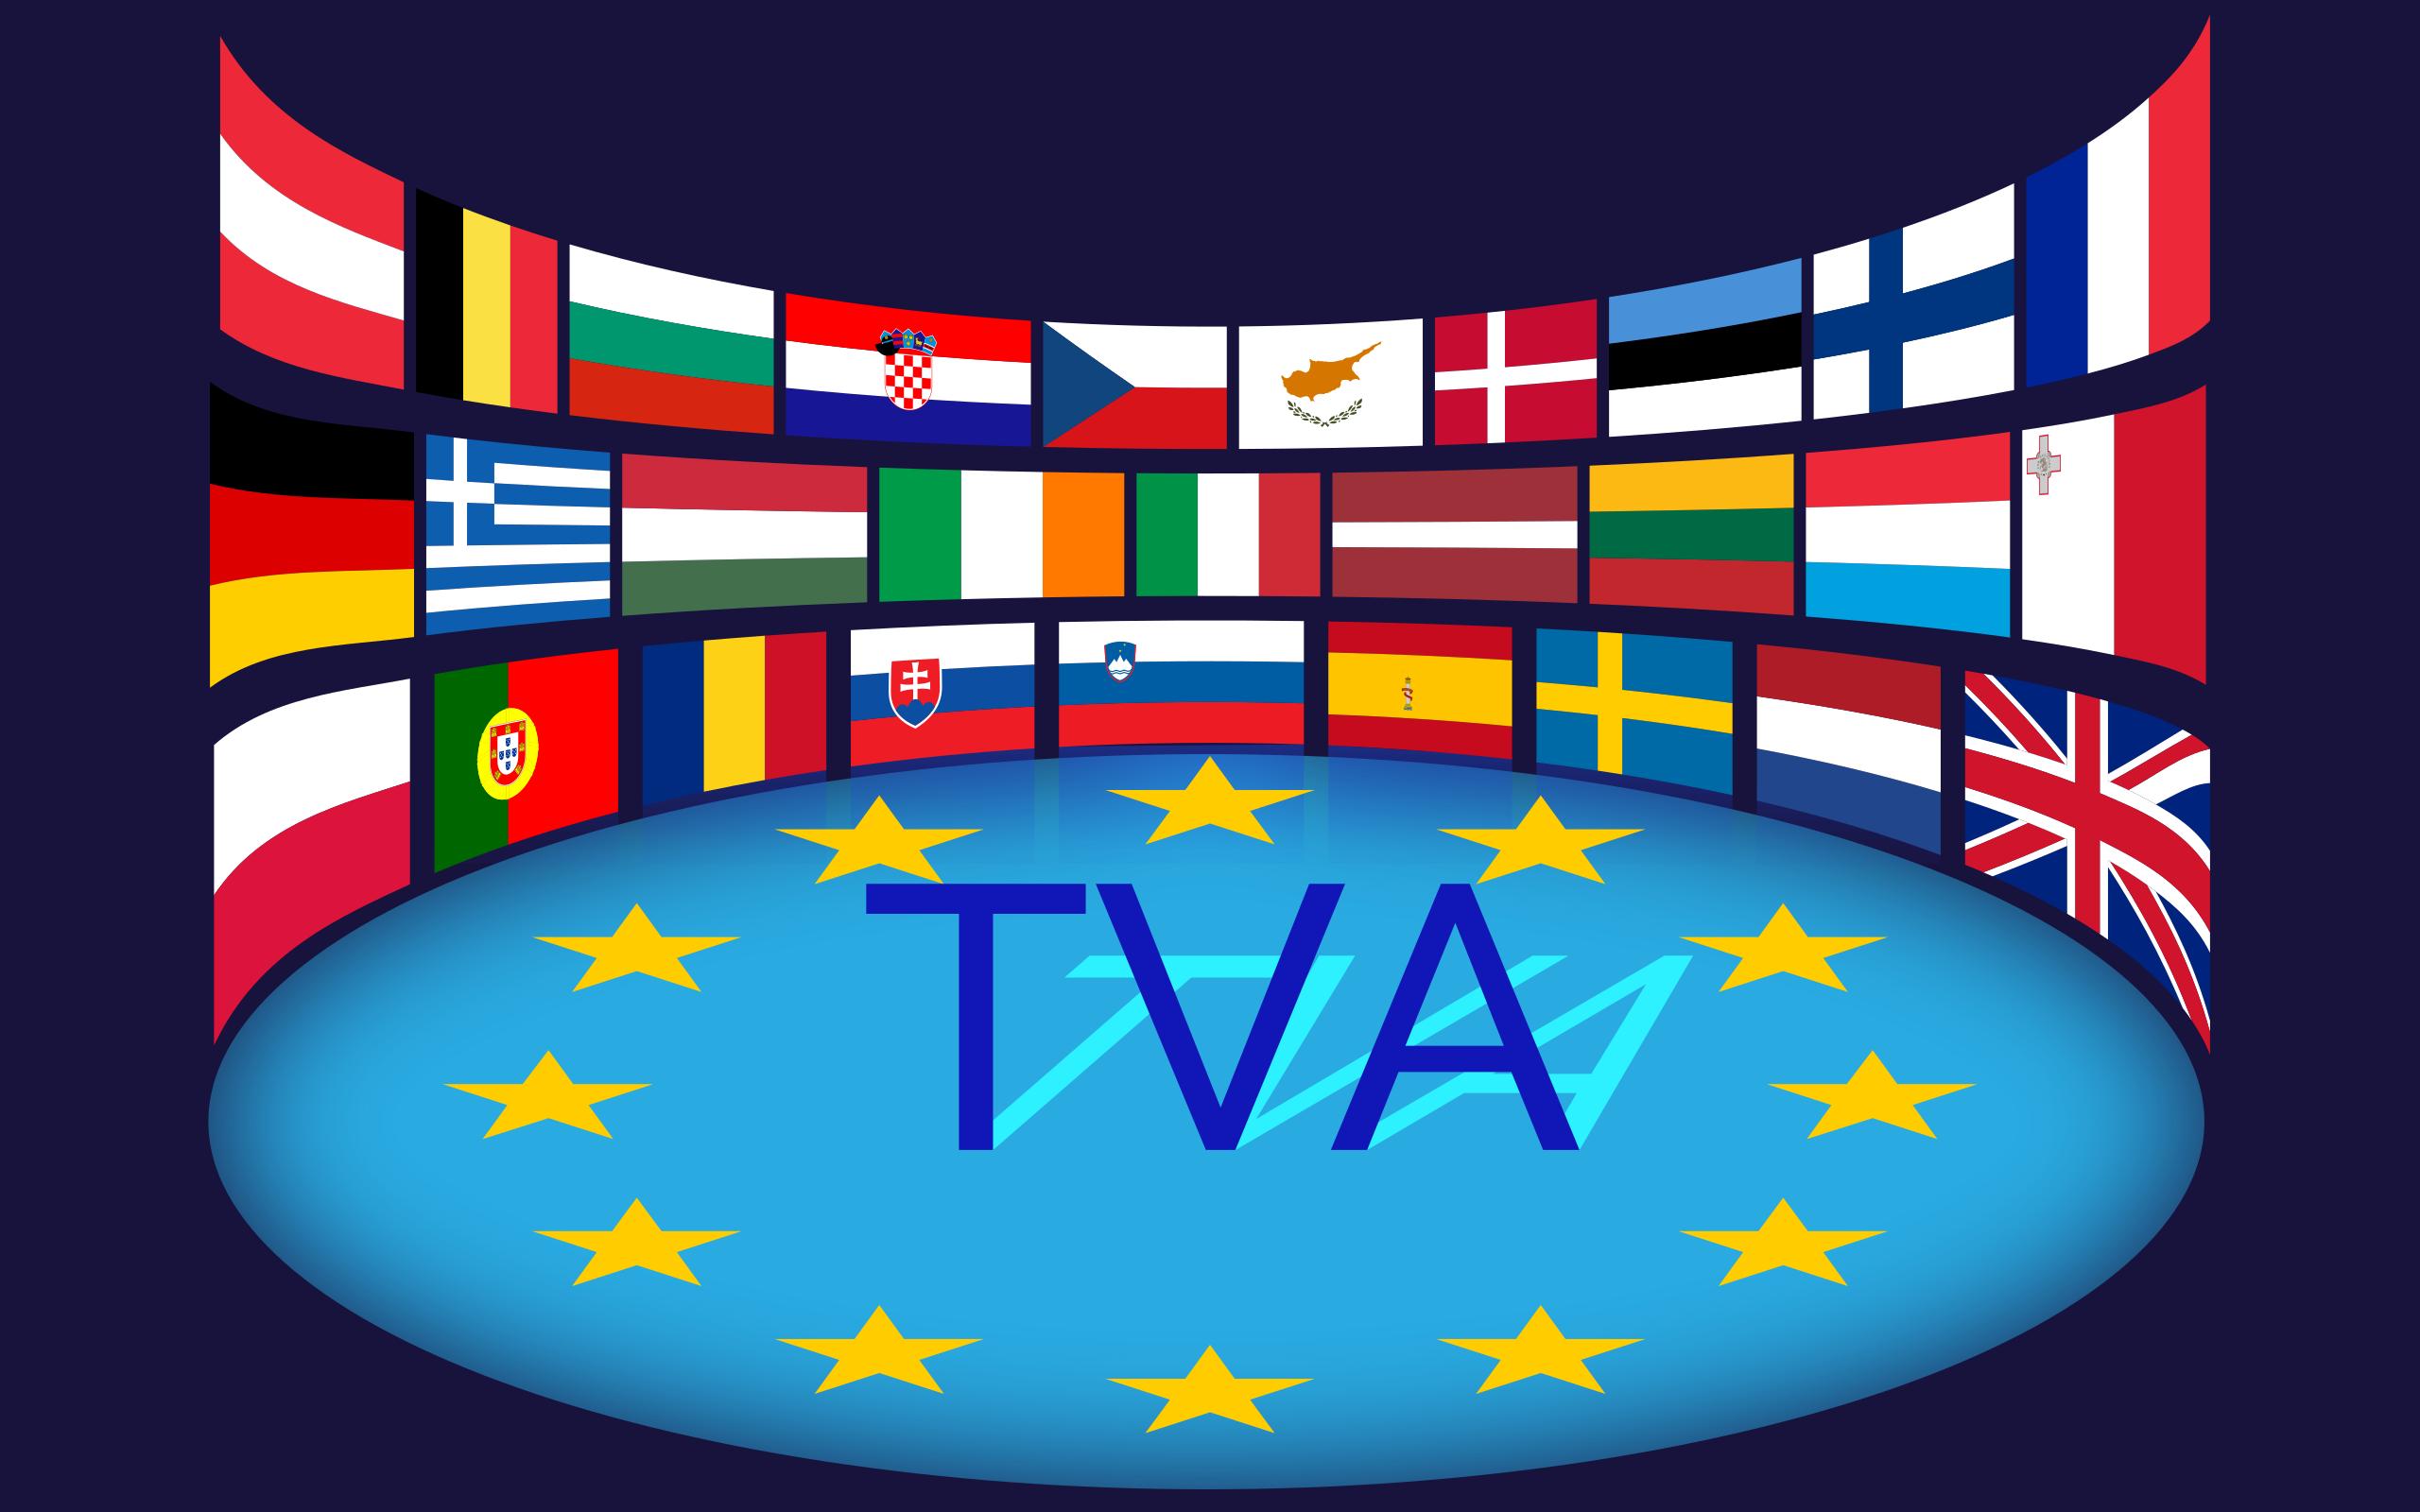 Réforme du système de TVA européen : ce qui va changer en B2B d'ici 2022